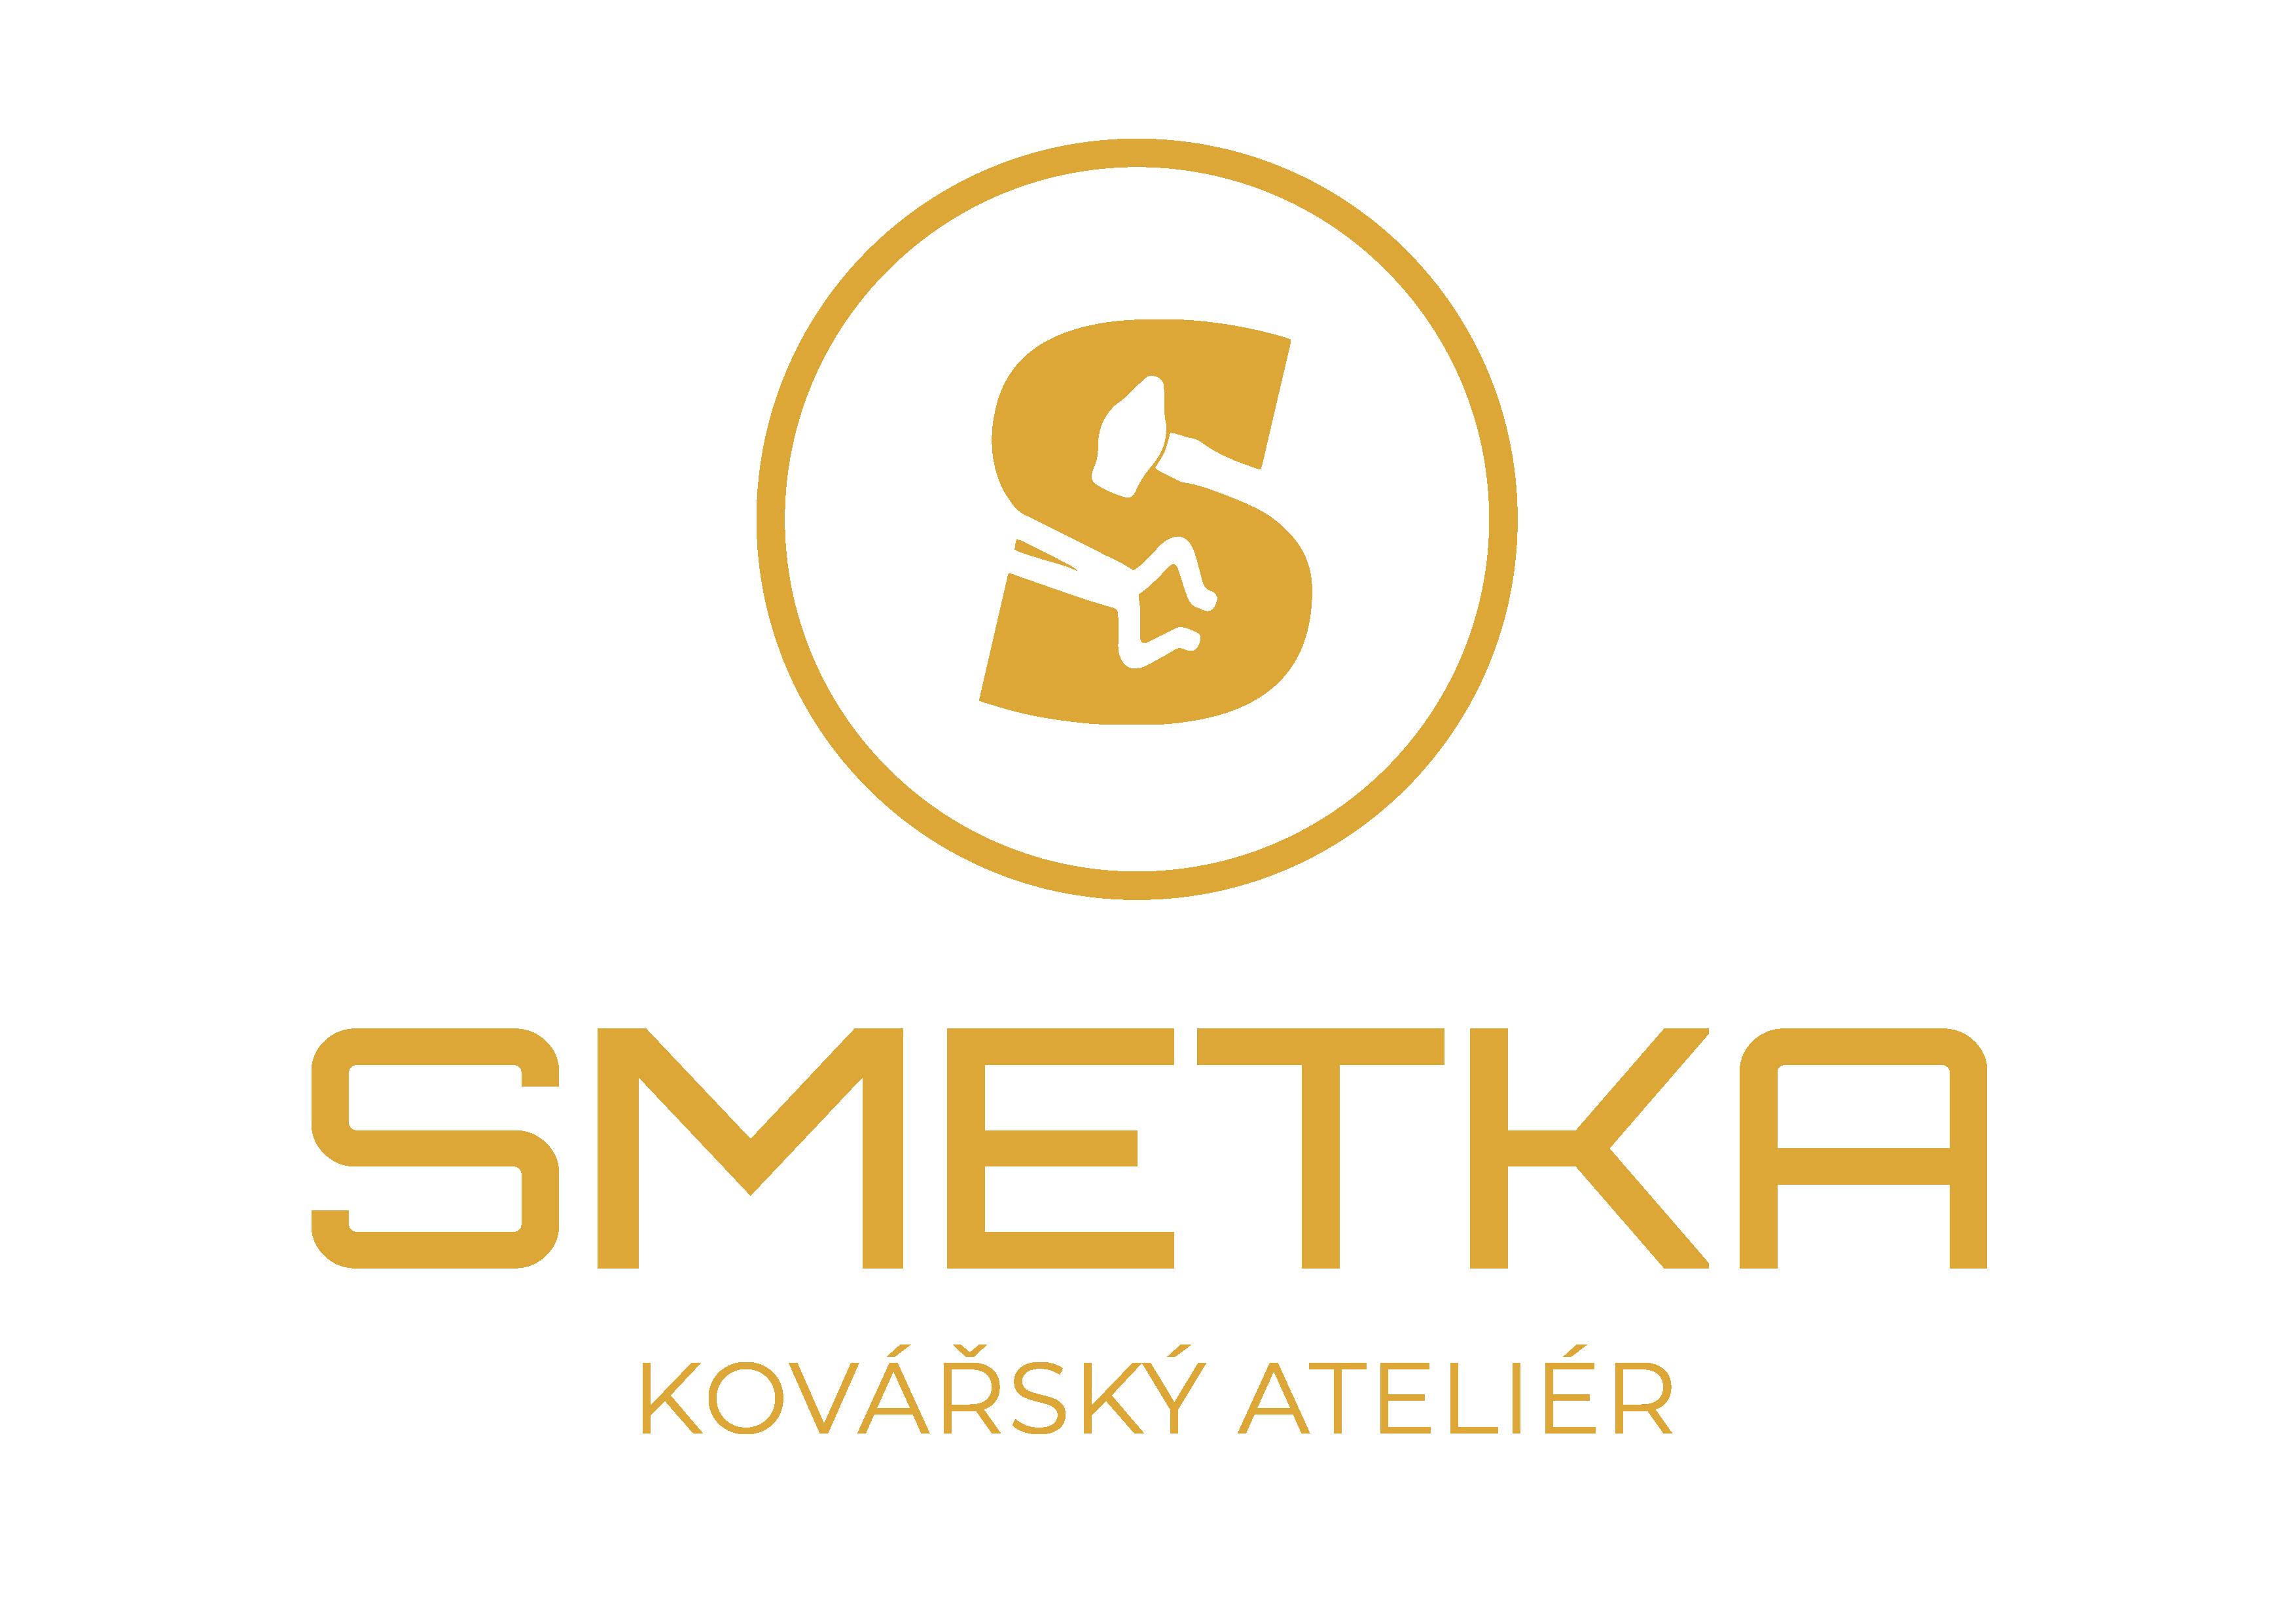 Umělecké Kovářství Viktor Smetka